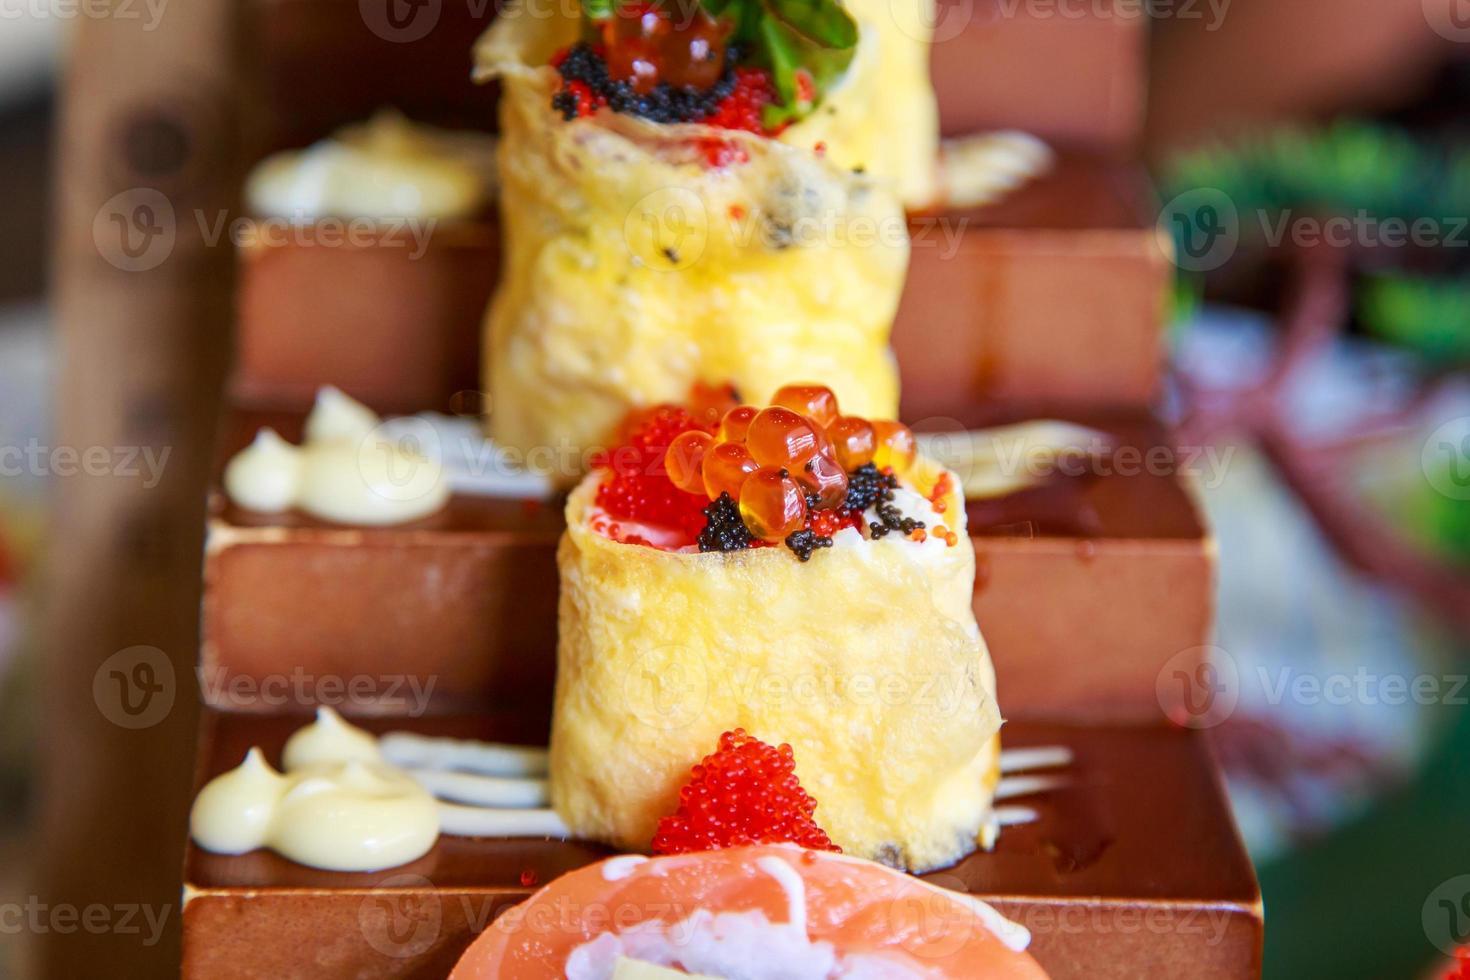 ei en kaas roll met zalm ei sushi Japans eten foto